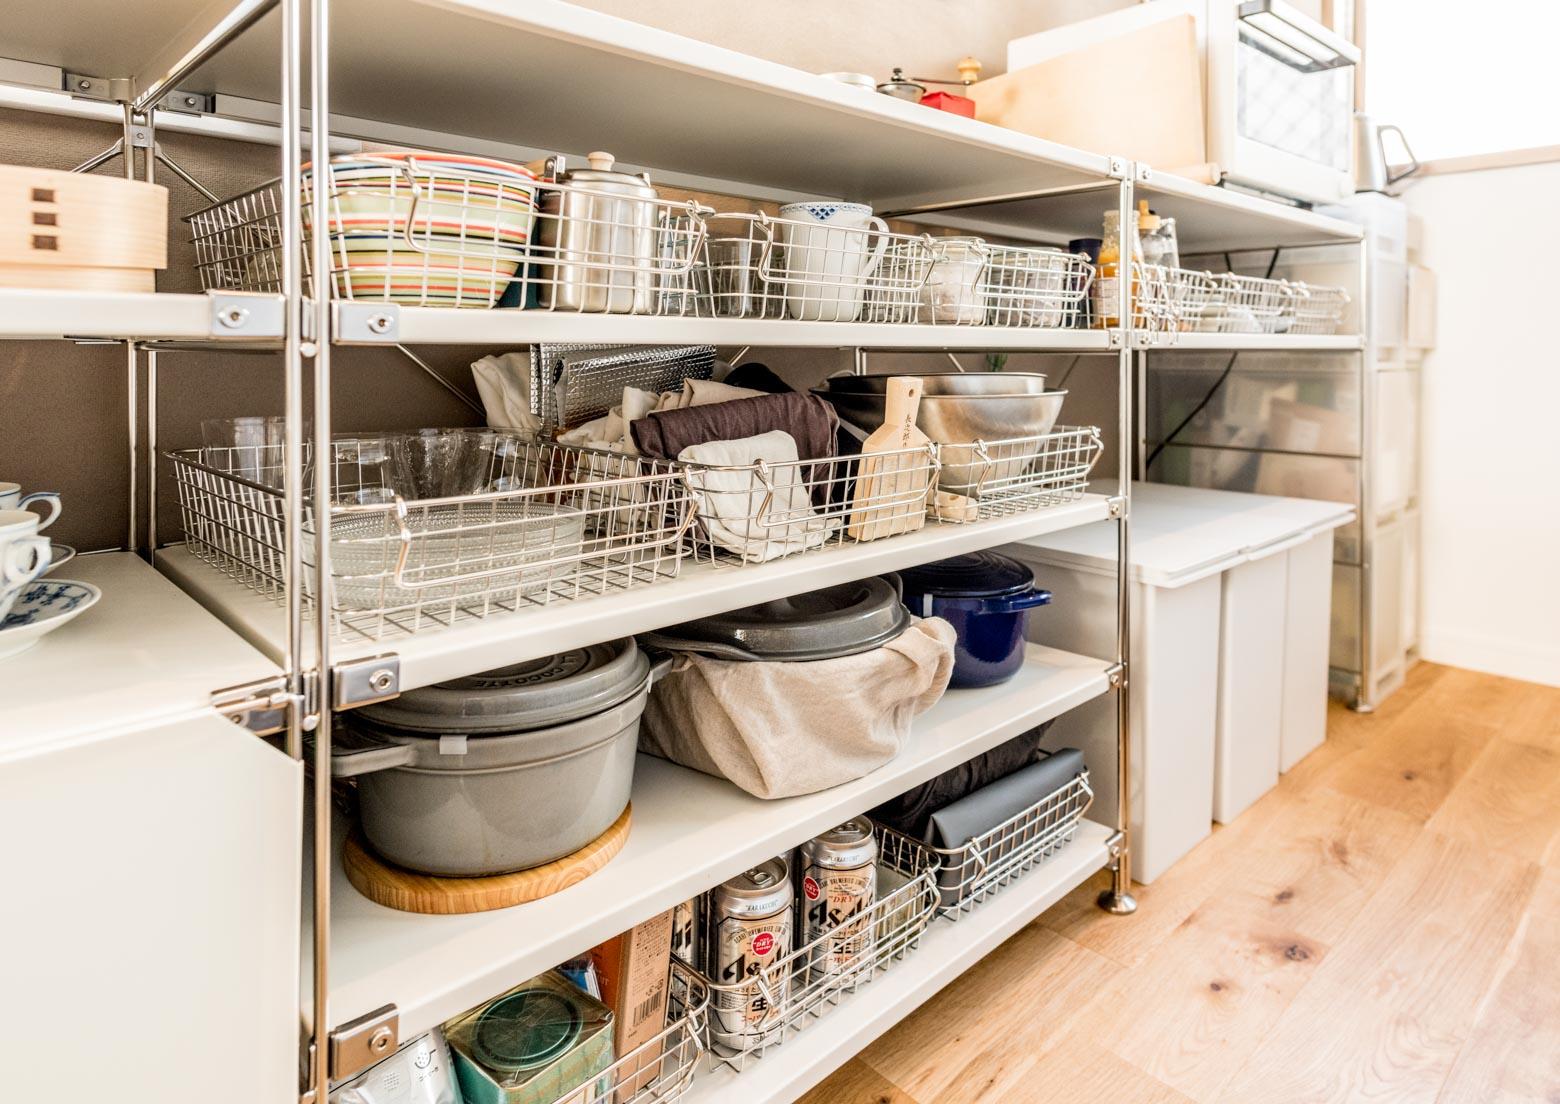 「キッチンの反対側に棚を置けたのも良かった。作業しやすいです」食器や調理器具などが見える状態で置かれているすてきだ。